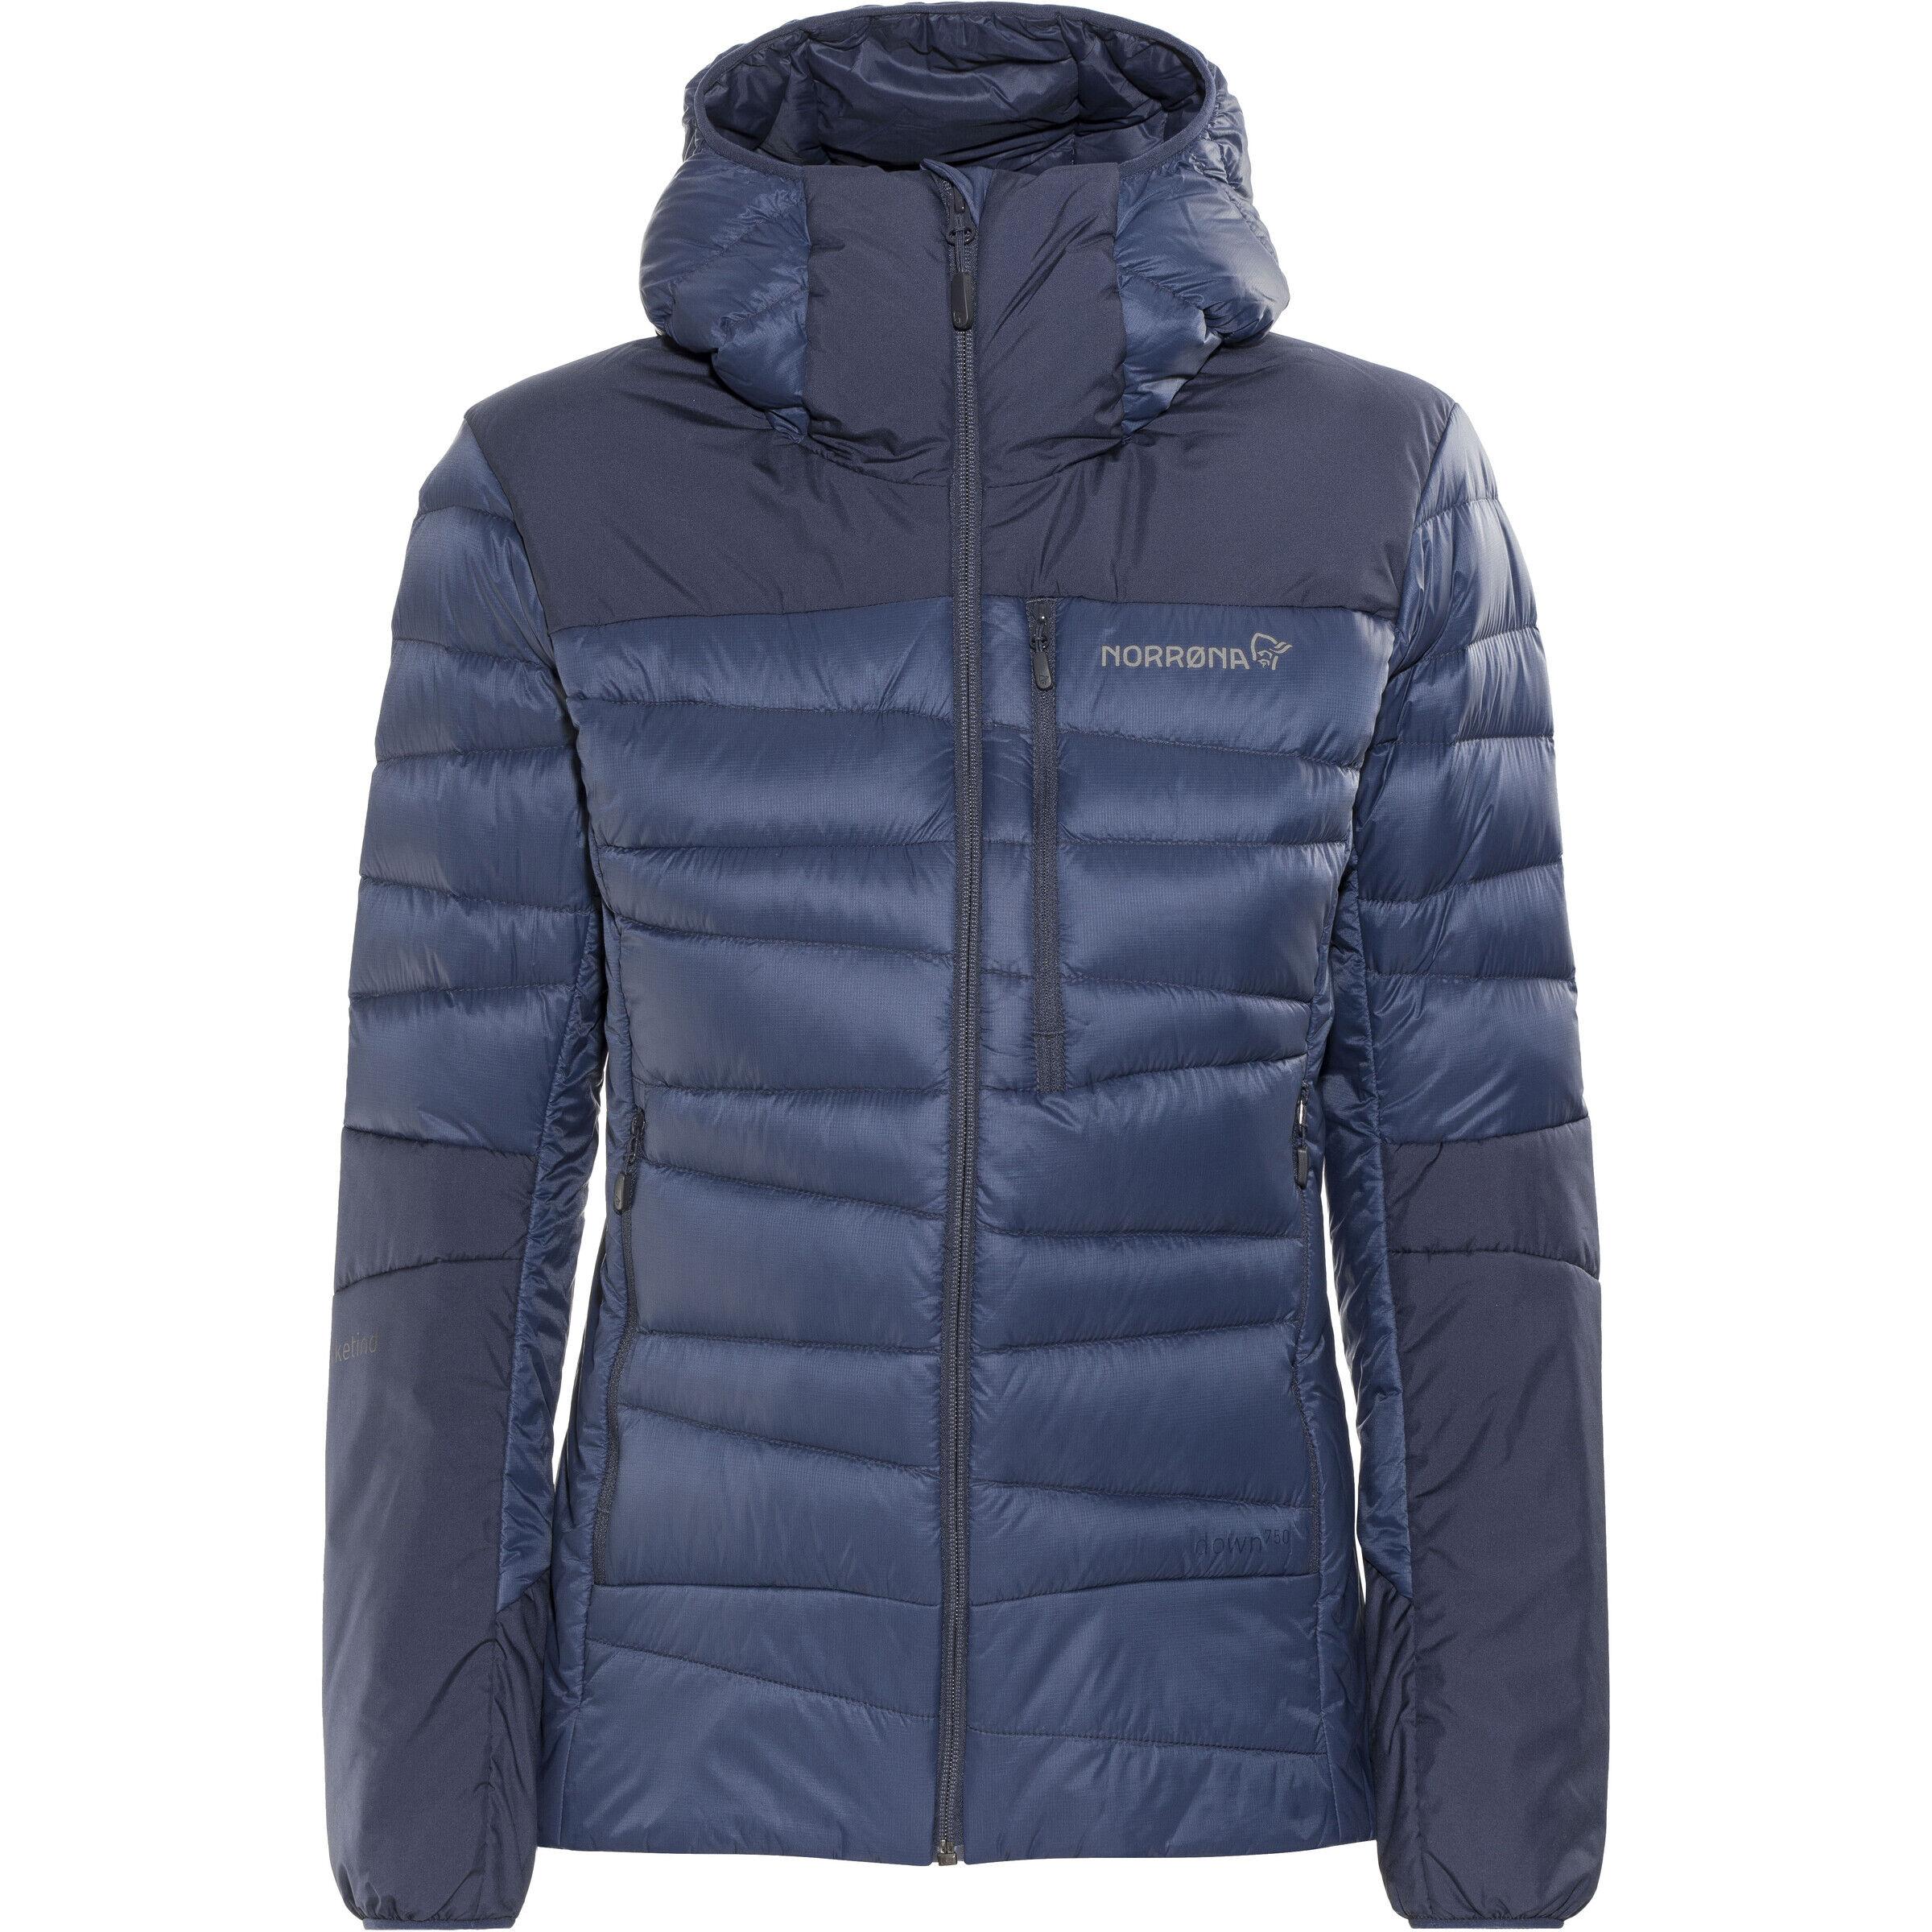 Winterjacken ❄ Jacken für den Winter ❄günstig bei